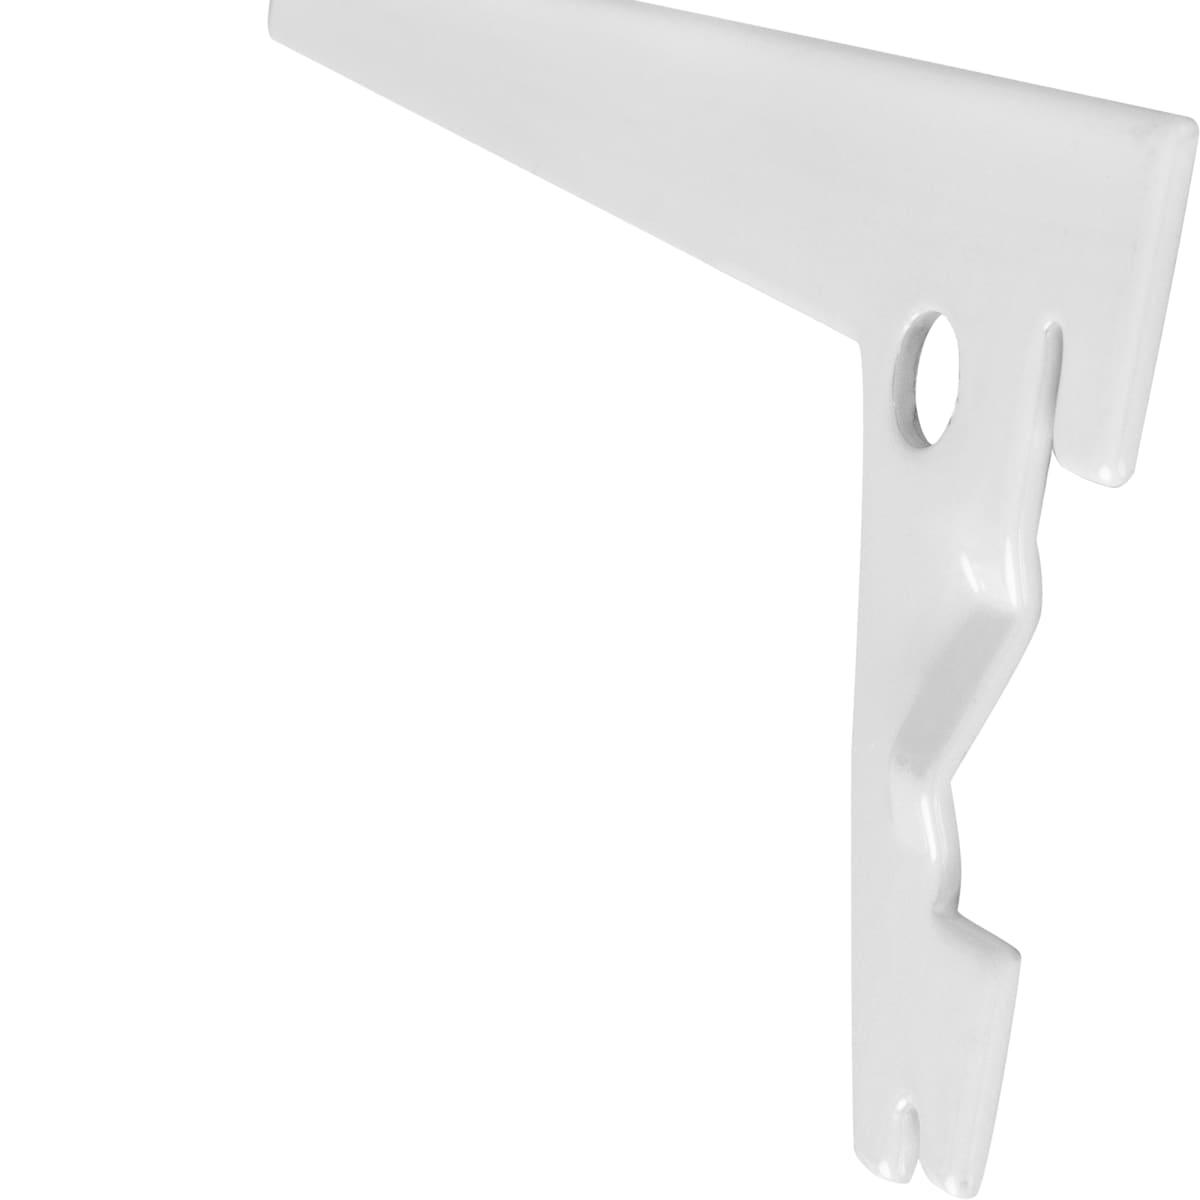 Кронштейн прямой однорядный 15 см нагрузка до 63 кг цвет белый